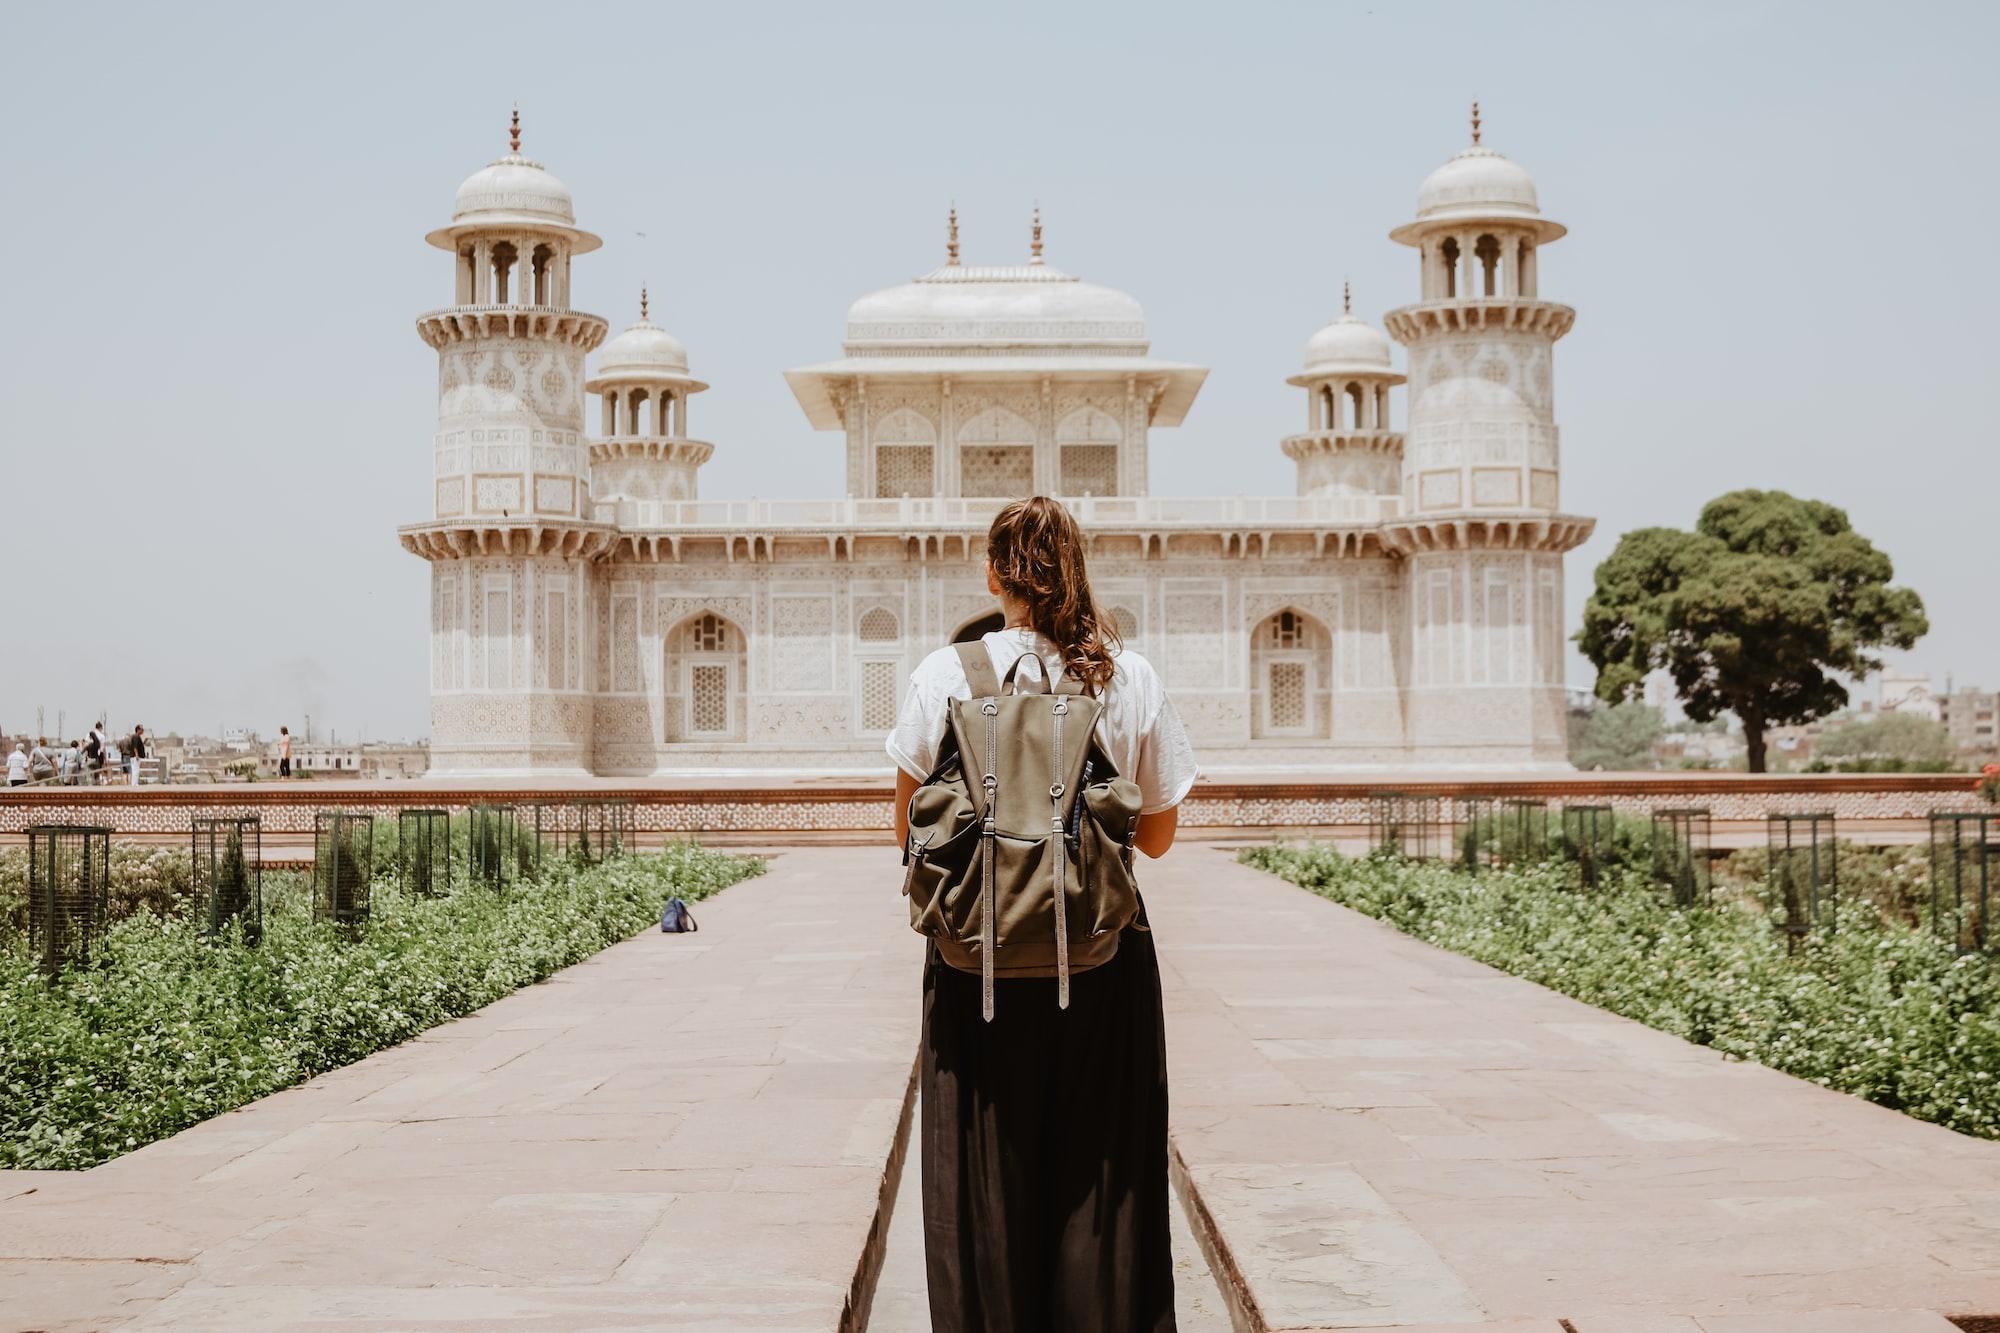 भारत भ्रमण करना है तो विमान या समुद्री मार्ग से आएं, भूमि मार्ग बंद रहेगा